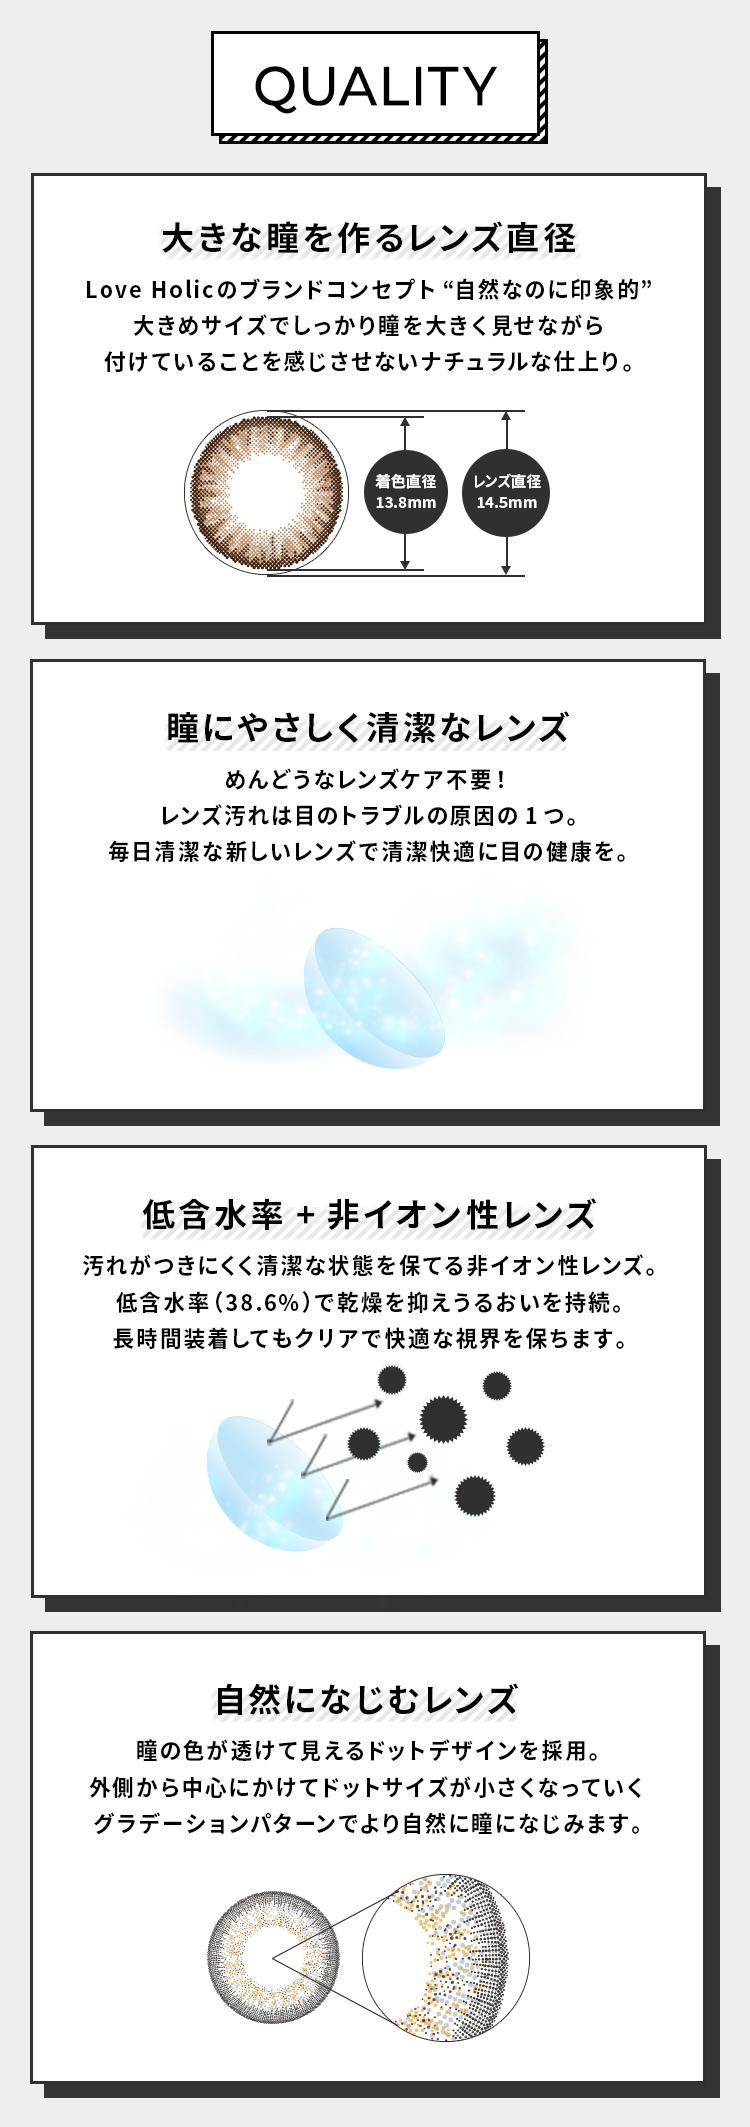 """Love Holic 1day -ラブホリックワンデー 【QUALITY】 [大きな瞳を作るレンズ直径 Love Holicのブランドコンセプト""""自然なのに印象的"""" 大きめサイズでしっかり瞳を大きく見せながら 付けていることを感じさせないナチュラルな仕上り。(着色直径13.8㎜)(レンズ直径14.5㎜)] [瞳にやさしく清潔なレンズ めんどうなレンズケア不要! レンズ汚れは目のトラブルの原因の1つ。 毎日清潔な新しいレンズで清潔快適に目の健康を。] [低含水率+非イオン性レンズ 汚れがつきにくく清潔な状態を保てる非イオン性レンズ。 低含水率(38.6%)で乾燥を抑えうるおいを持続。 長時間装着してもクリアで快適な視界を保ちます。] [自然になじむレンズ 瞳の色が透けて見えるドットデザインを採用。 外側から中心にかけてドットサイズが小さくなっていくグラデーションパターンでより自然に瞳になじみます。]"""